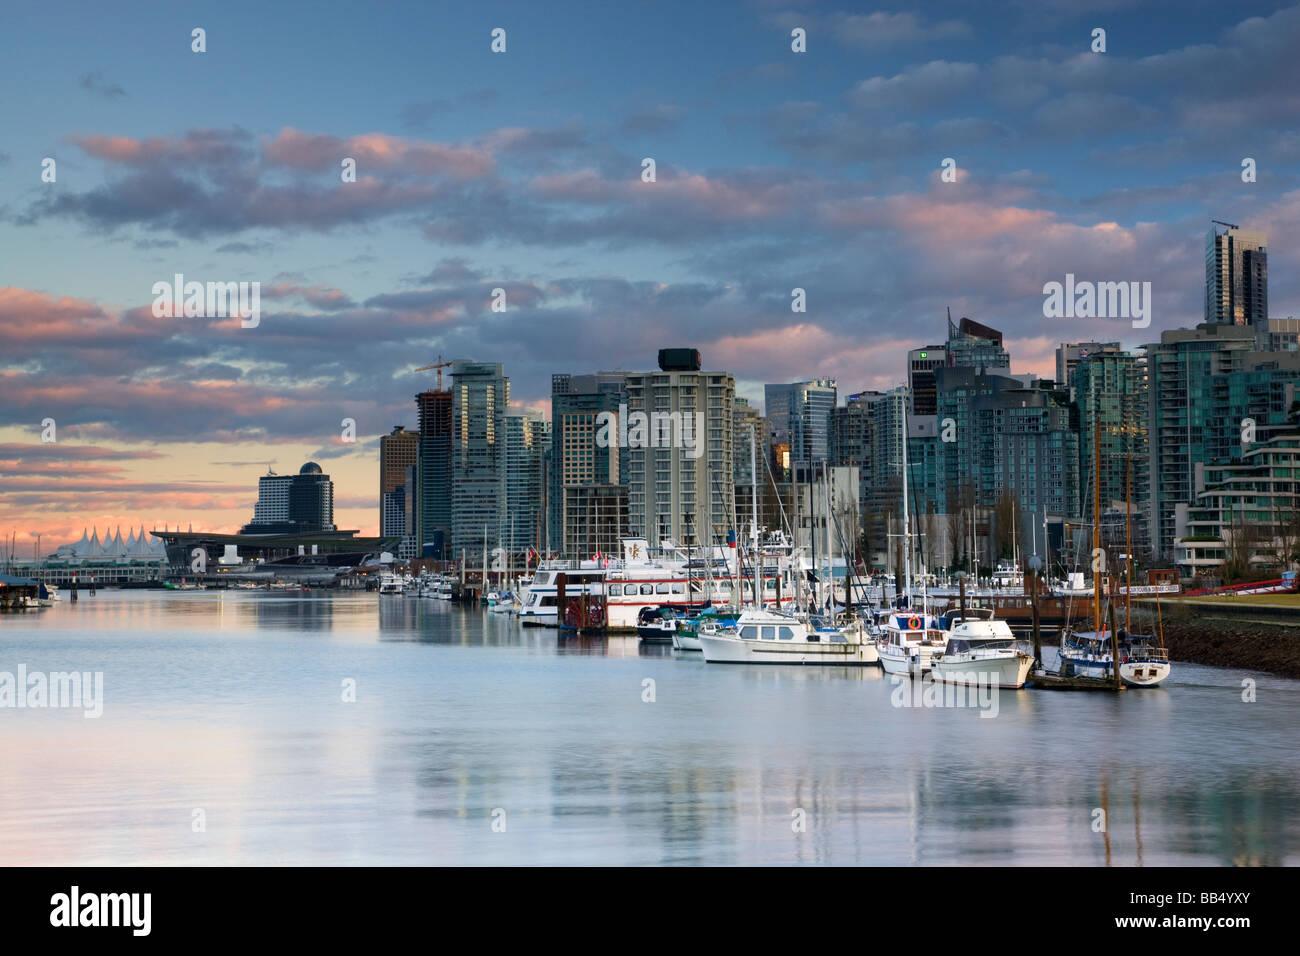 La ville de Vancouver de l'hôte des Jeux Olympiques d'hiver de 2010 en Colombie-Britannique, Canada Photo Stock